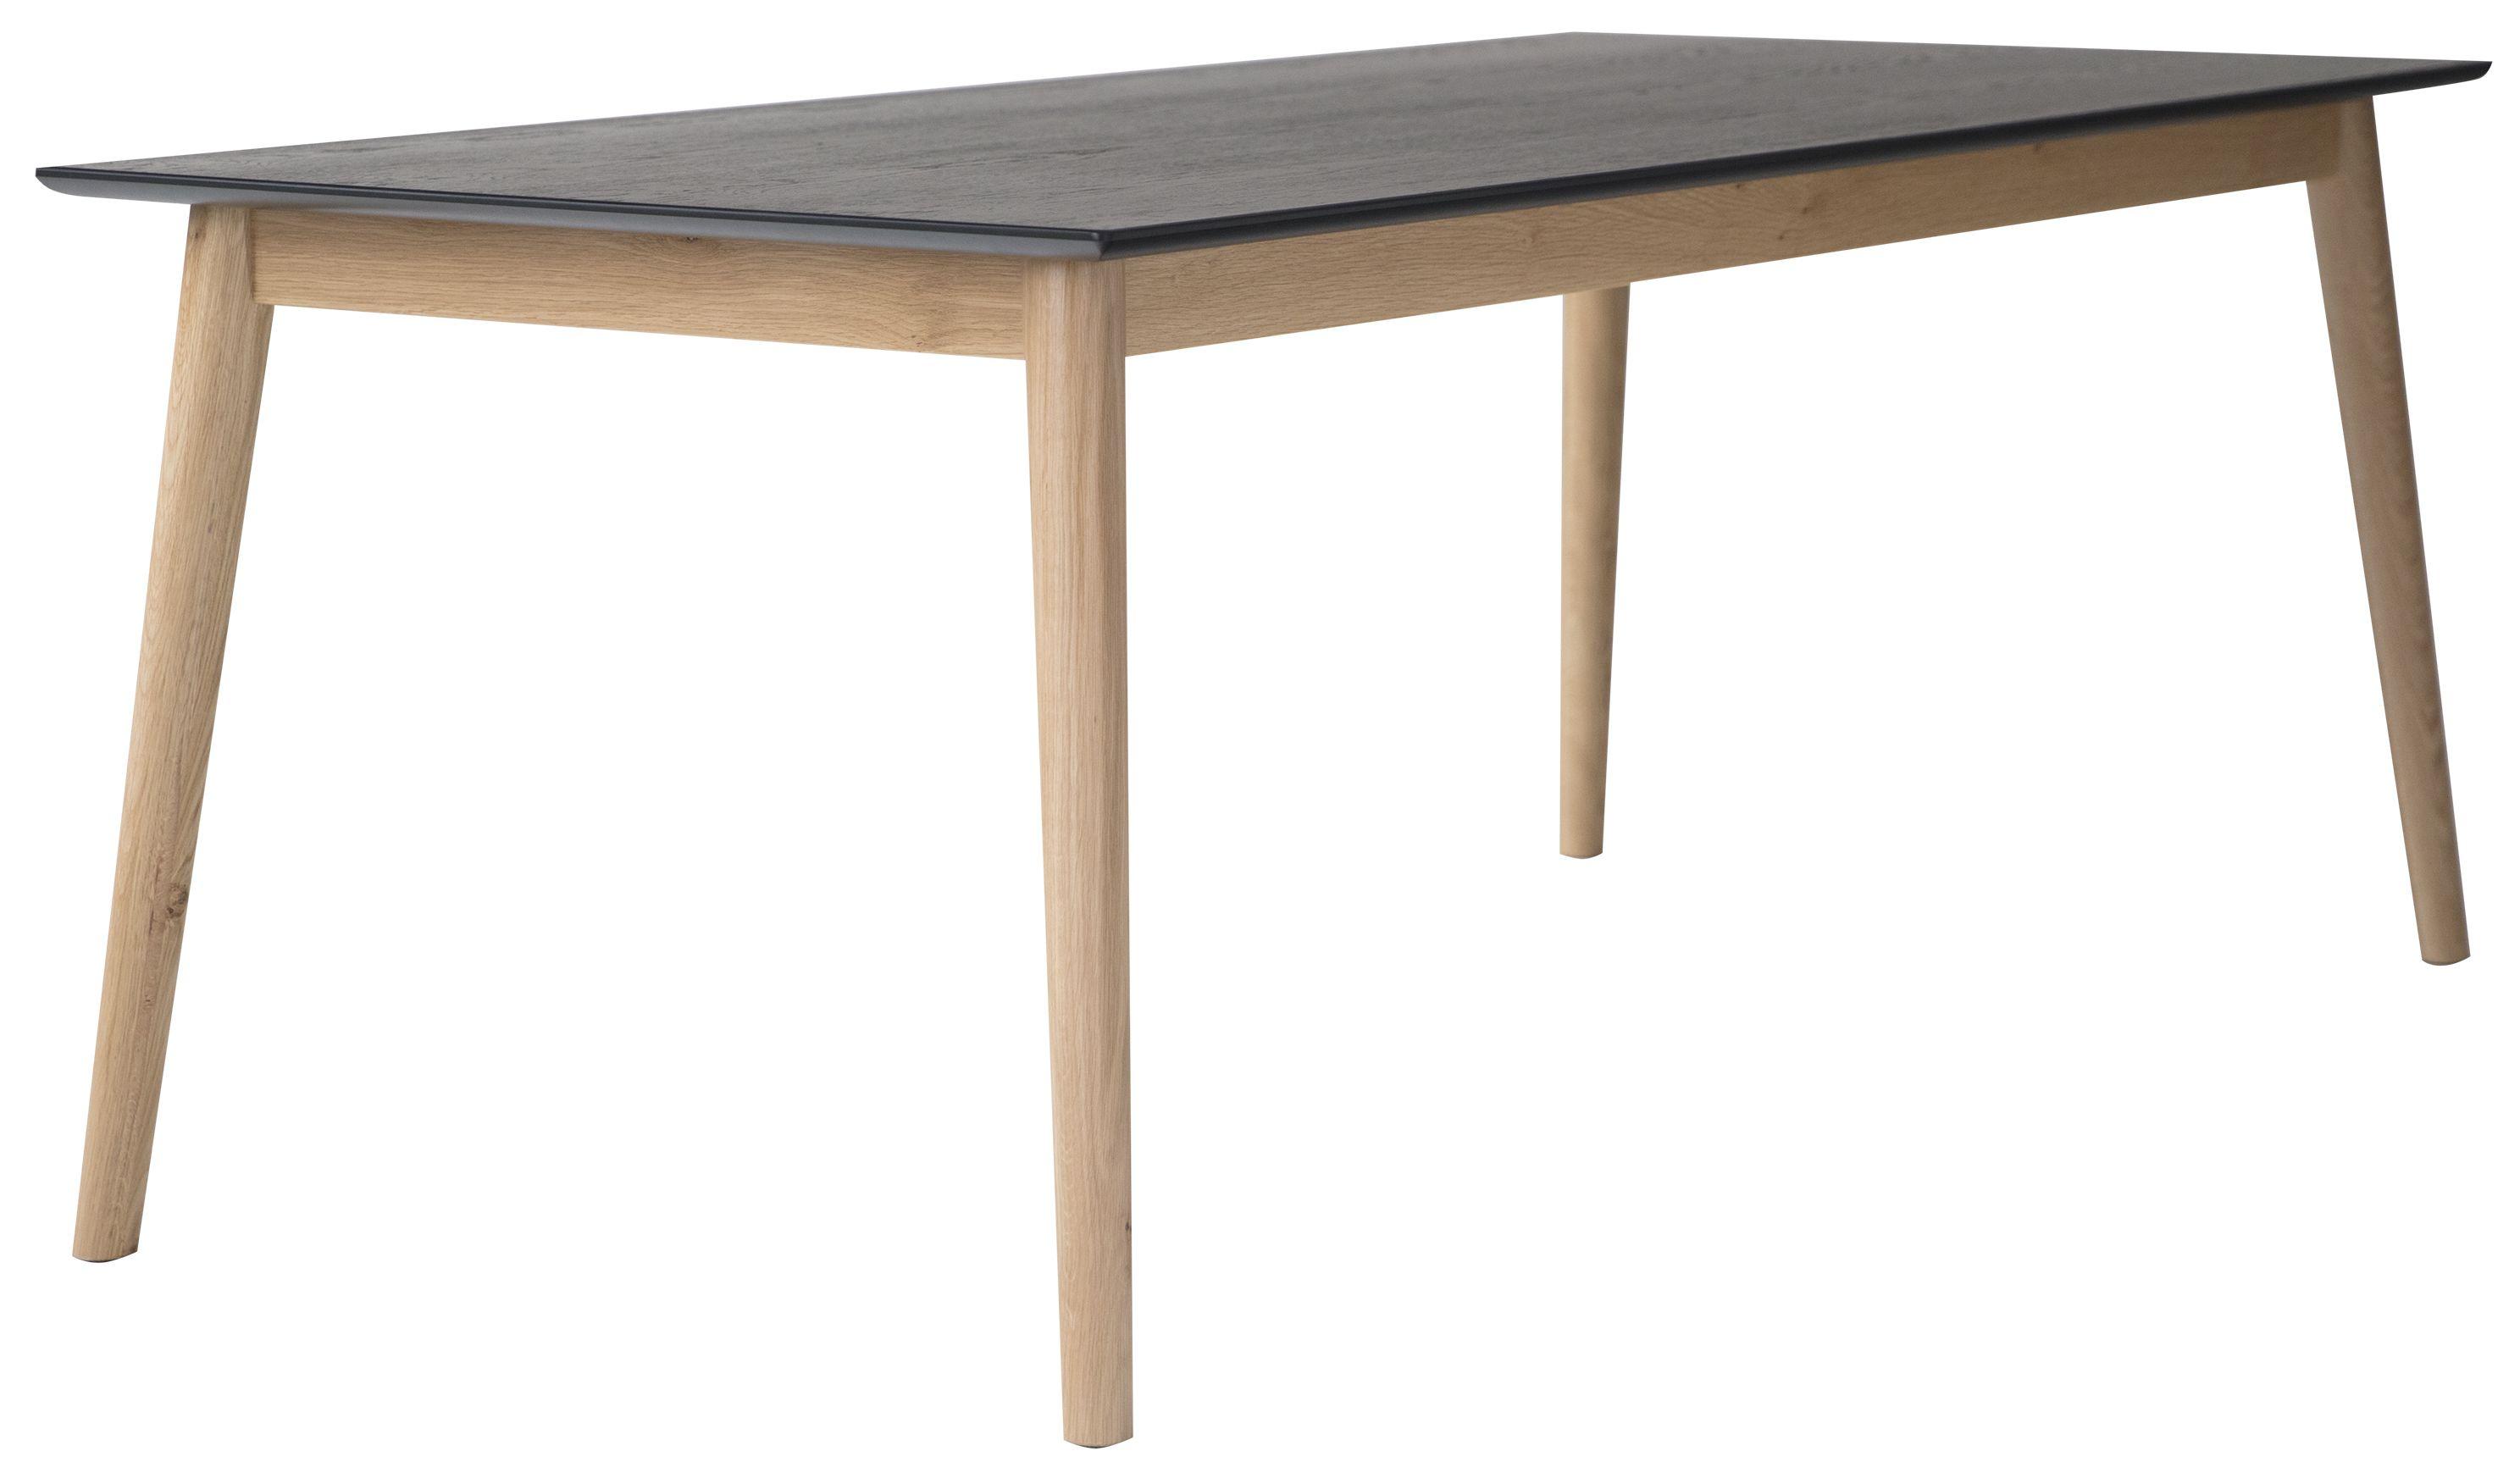 Eelis Ruokapöytä 190x90 Tammi musta/luonnonväri